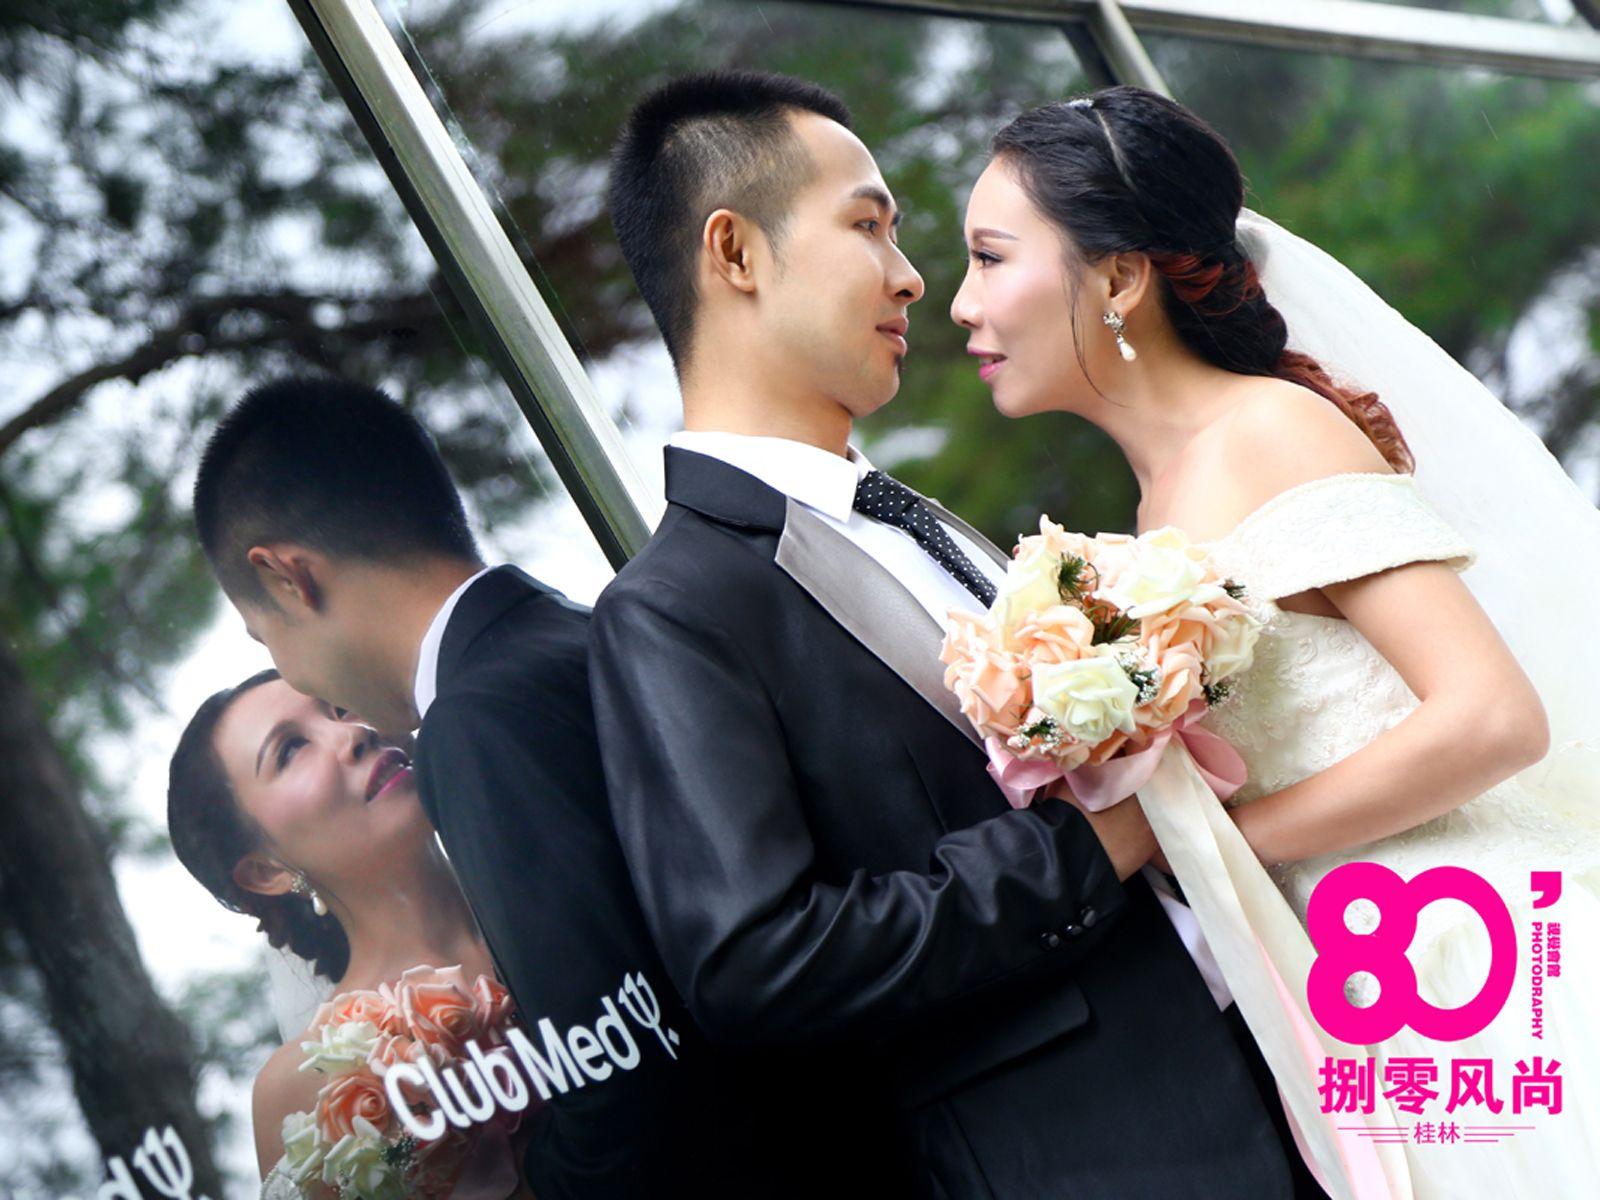 桂林80风尚摄影